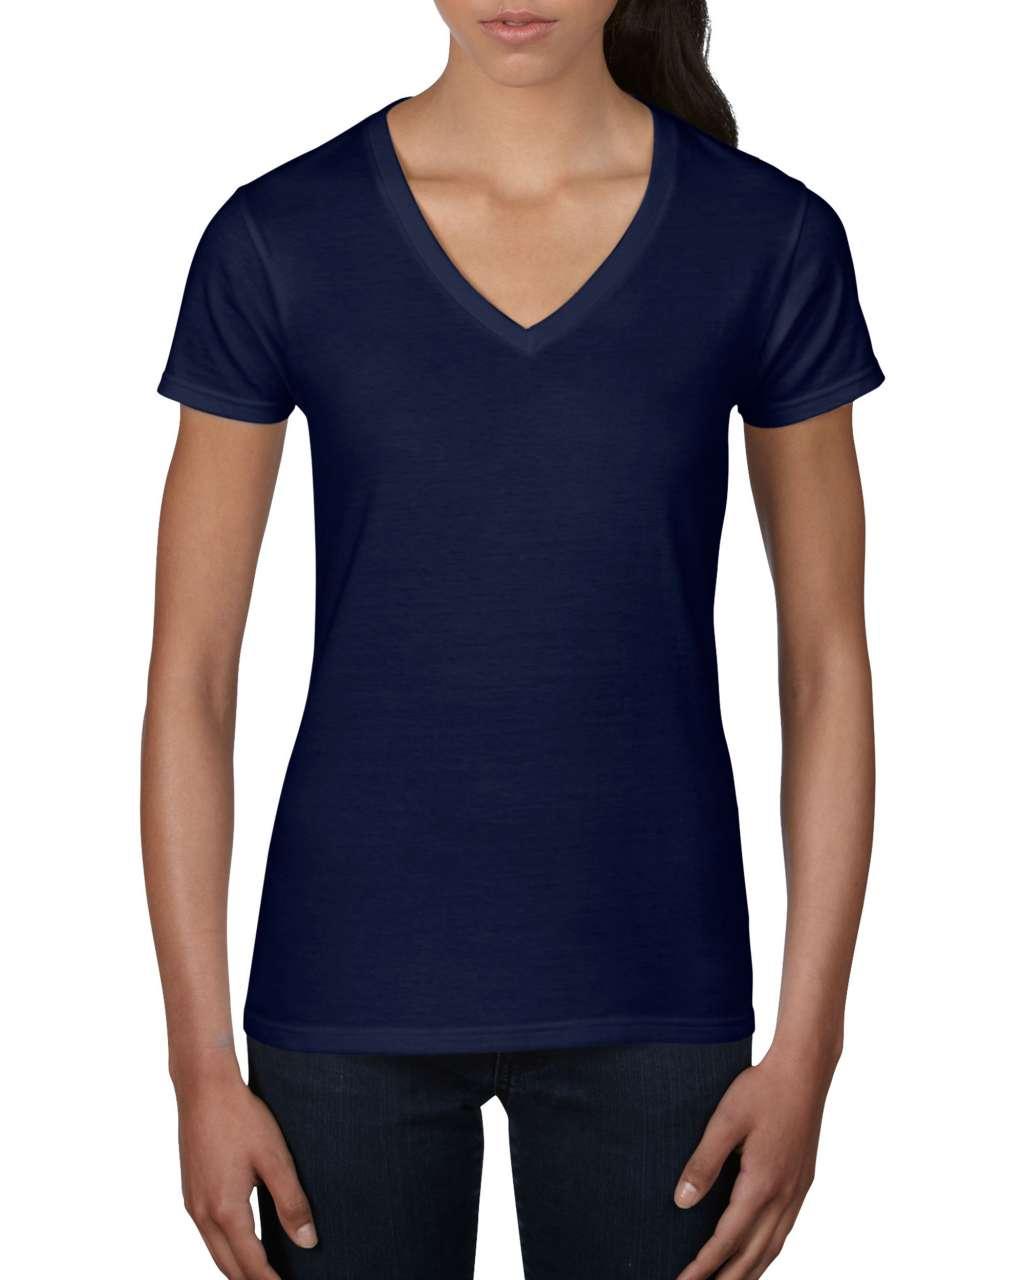 Levně Bavlněné tričko s V výstřihem Anvil Barva: Navy, Velikost: XL